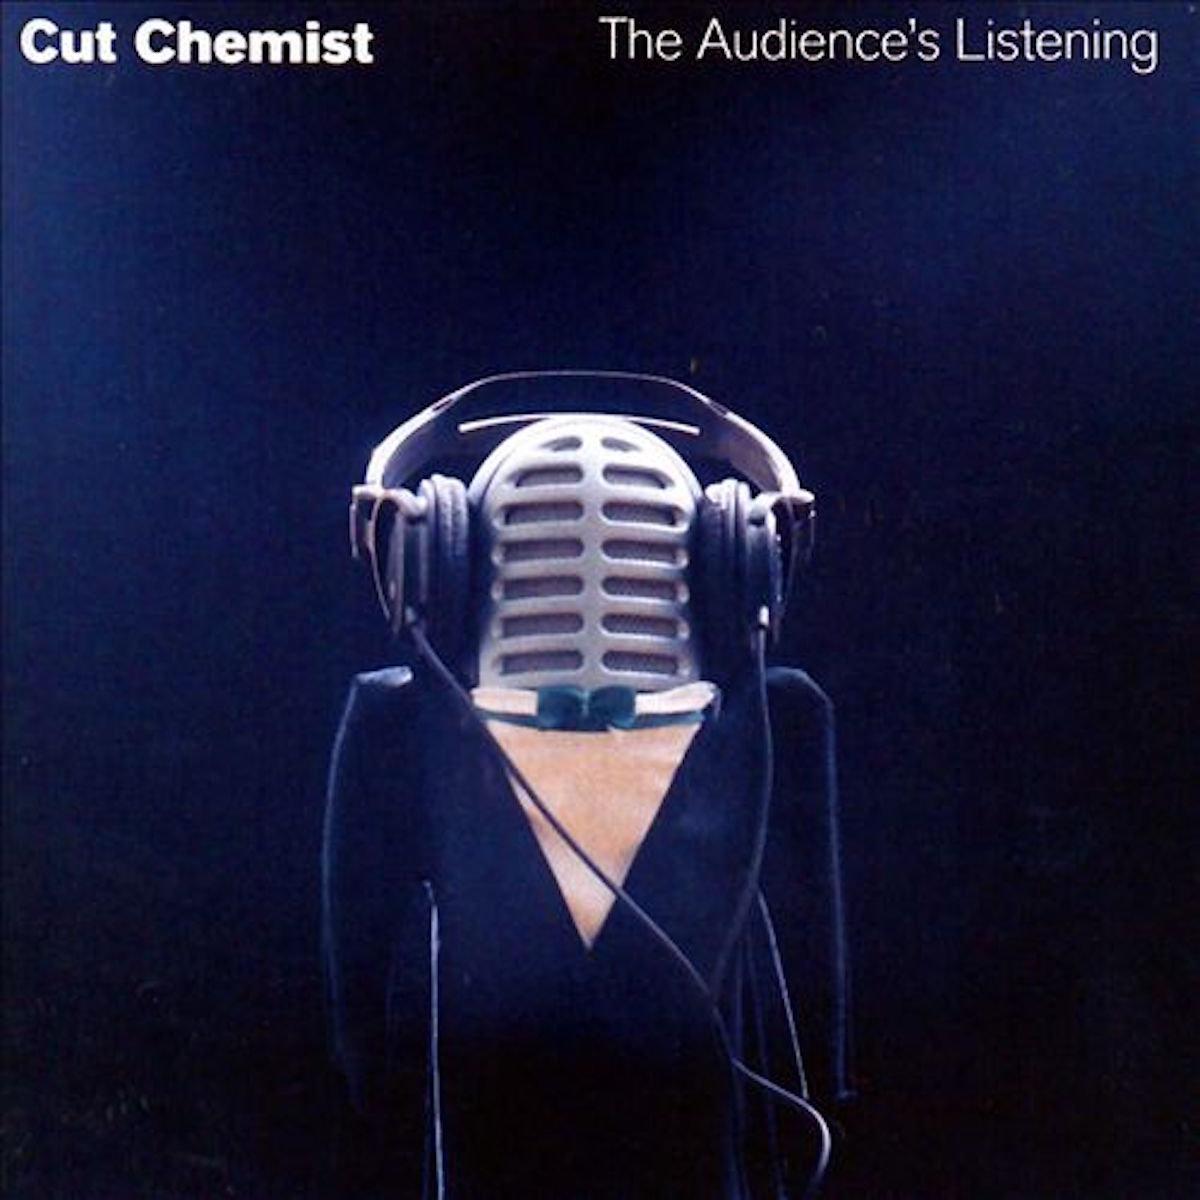 Listen to the garden by cut chemist